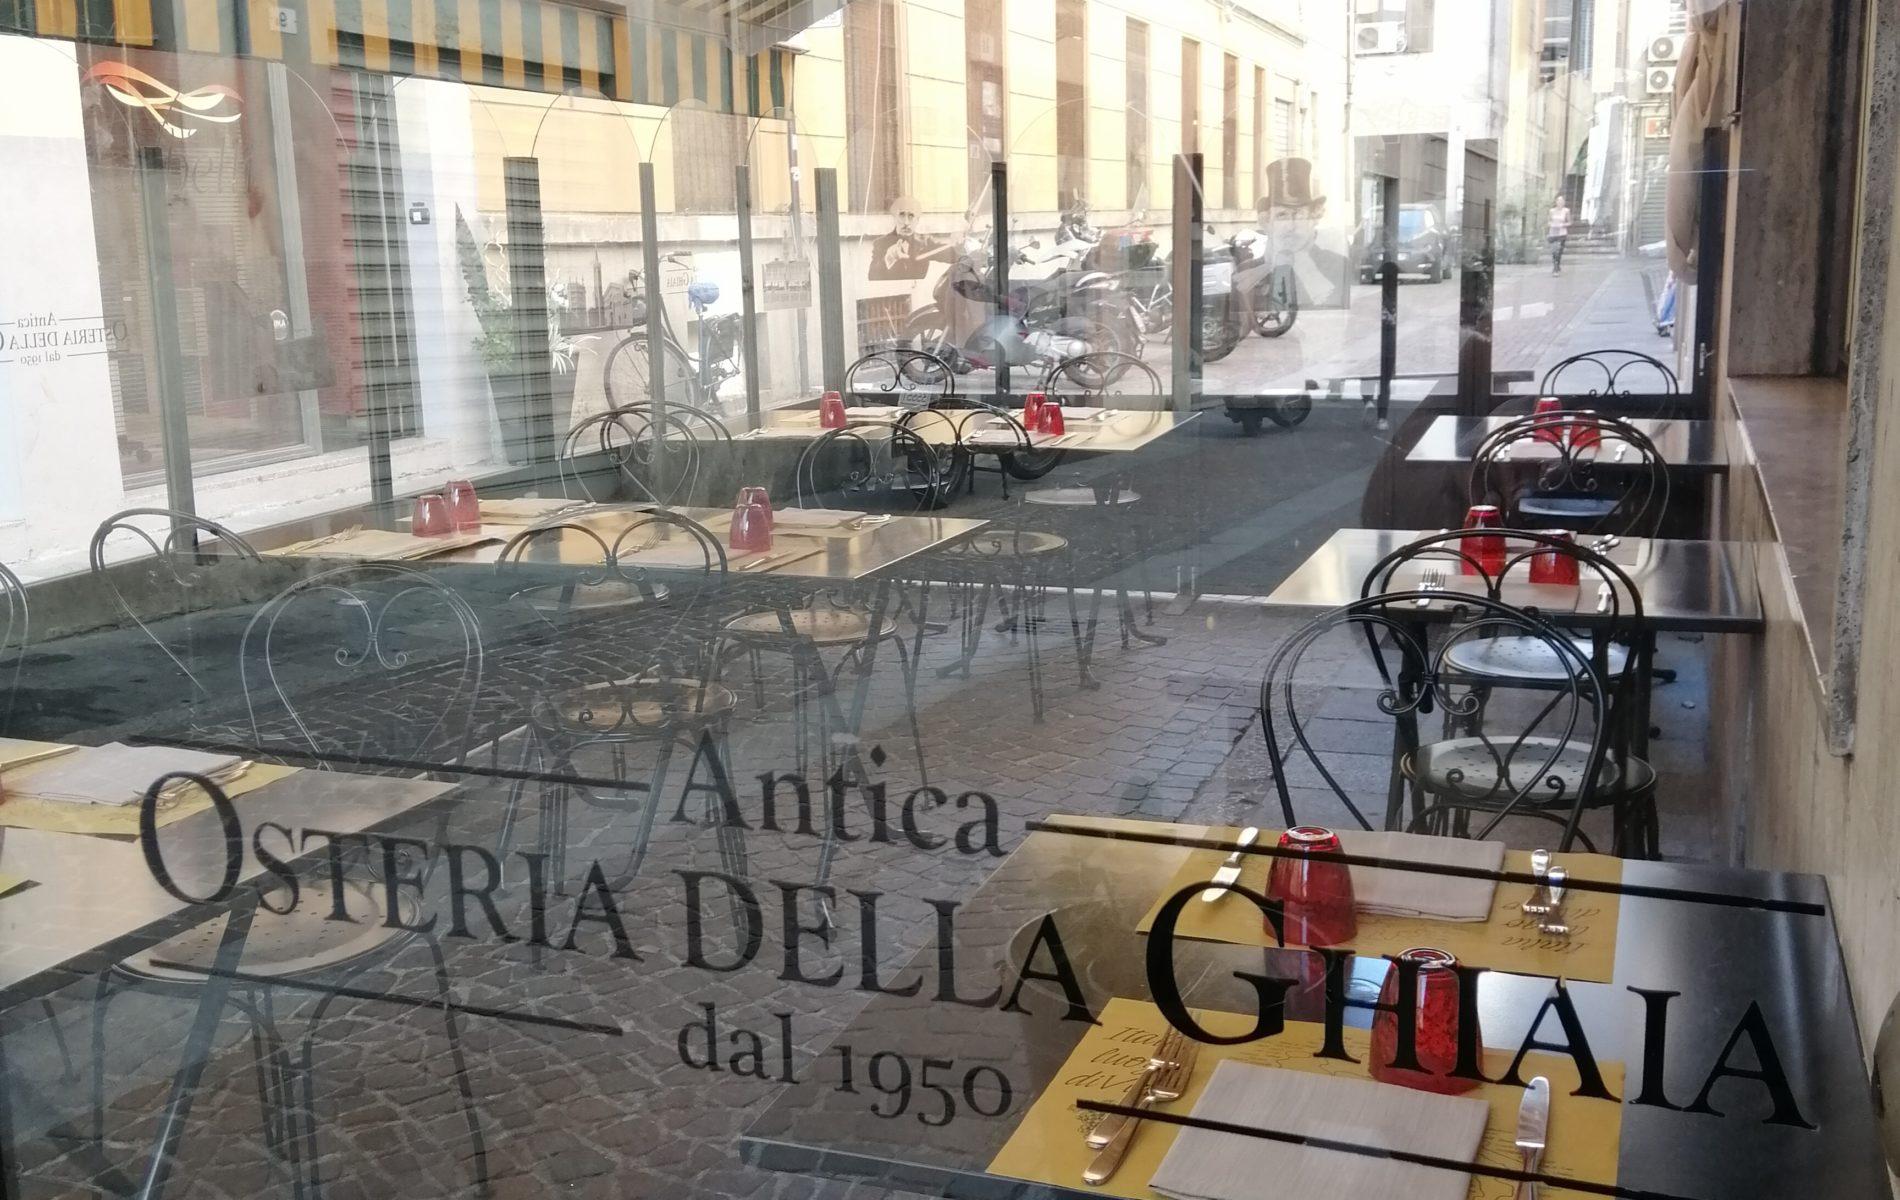 Dehor Antica Osteria della Ghiaia Parma